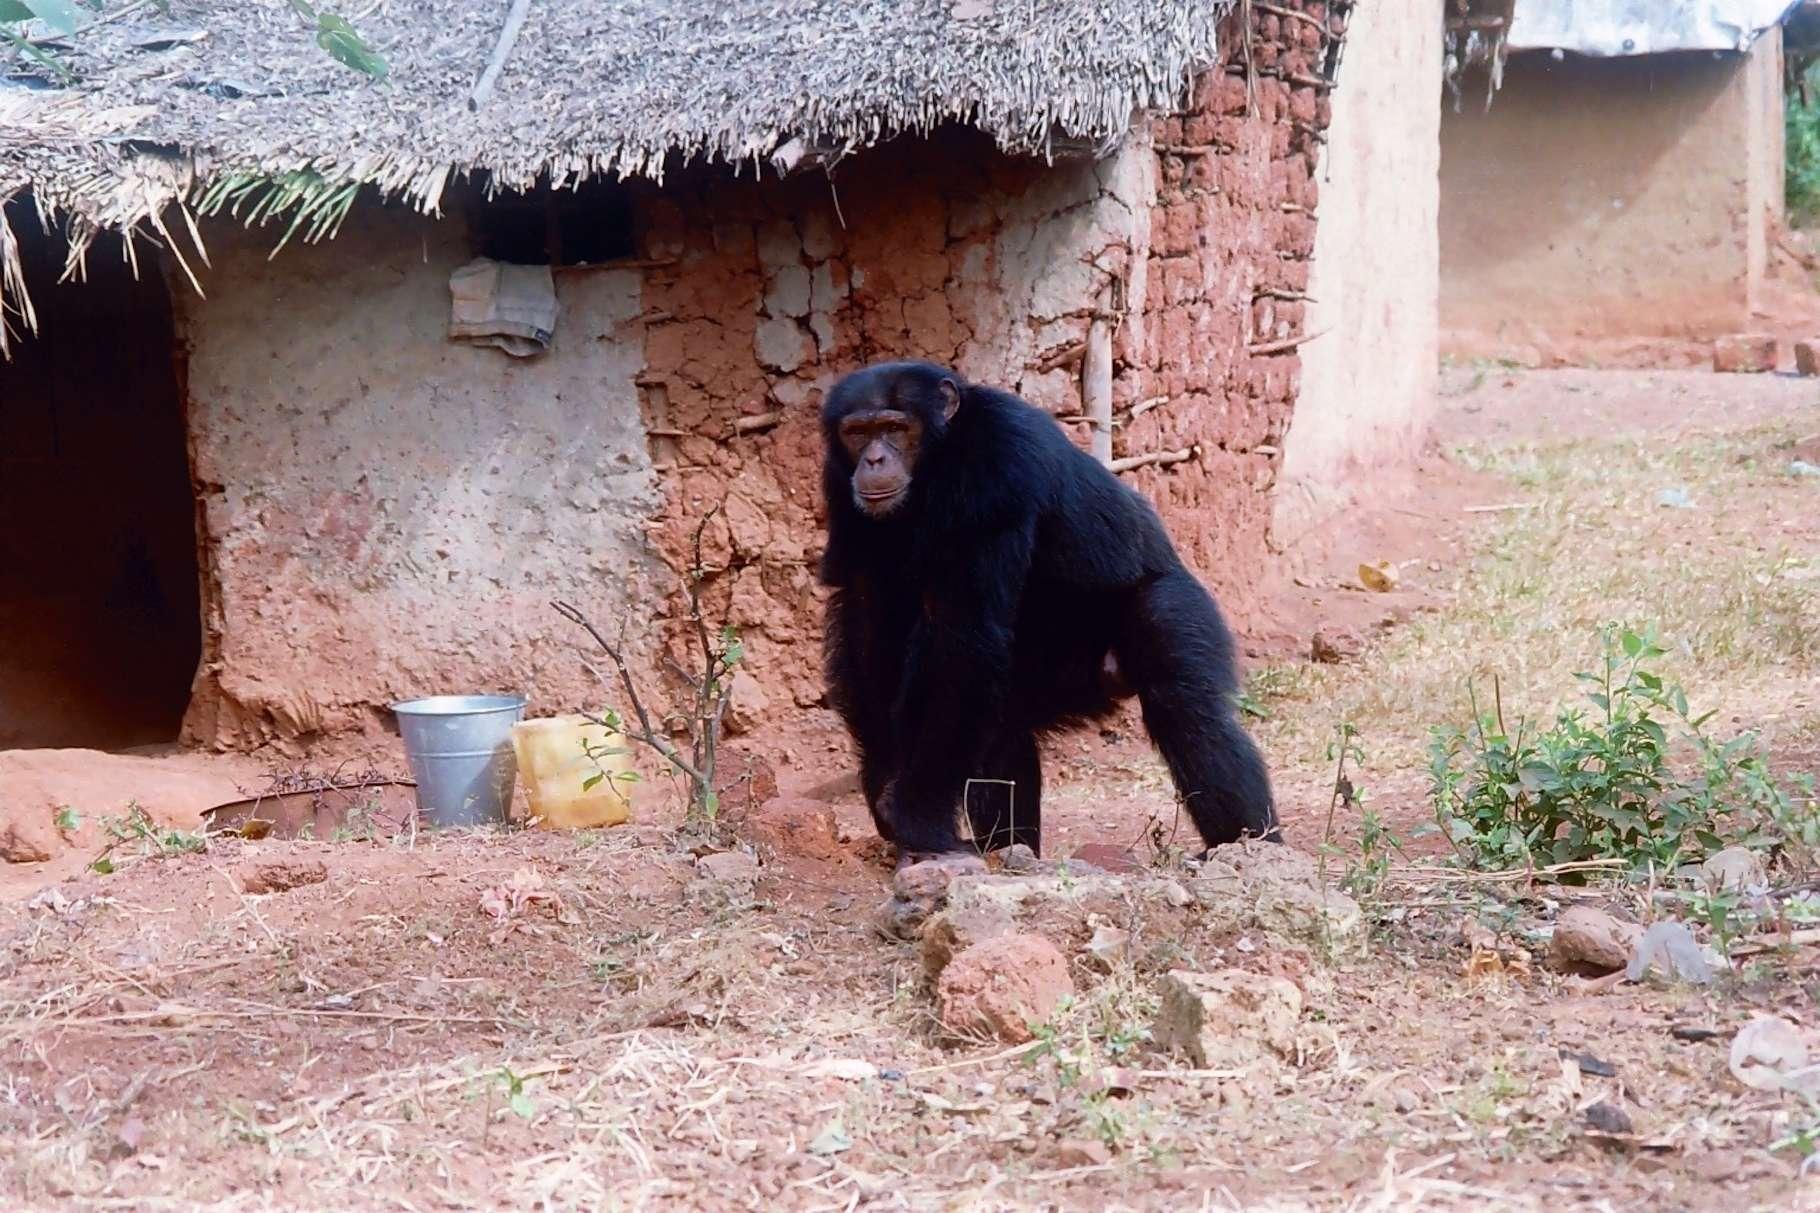 La crise du coronavirus a une nouvelle fois mis en lumière la difficulté que les Hommes ont à cohabiter avec la faune sauvage. L'exemple des grands singes sera discuté à l'occasion d'un live Facebook Futura, ce jeudi 9 juillet 2020, à partir de 16 heures. © Biotope